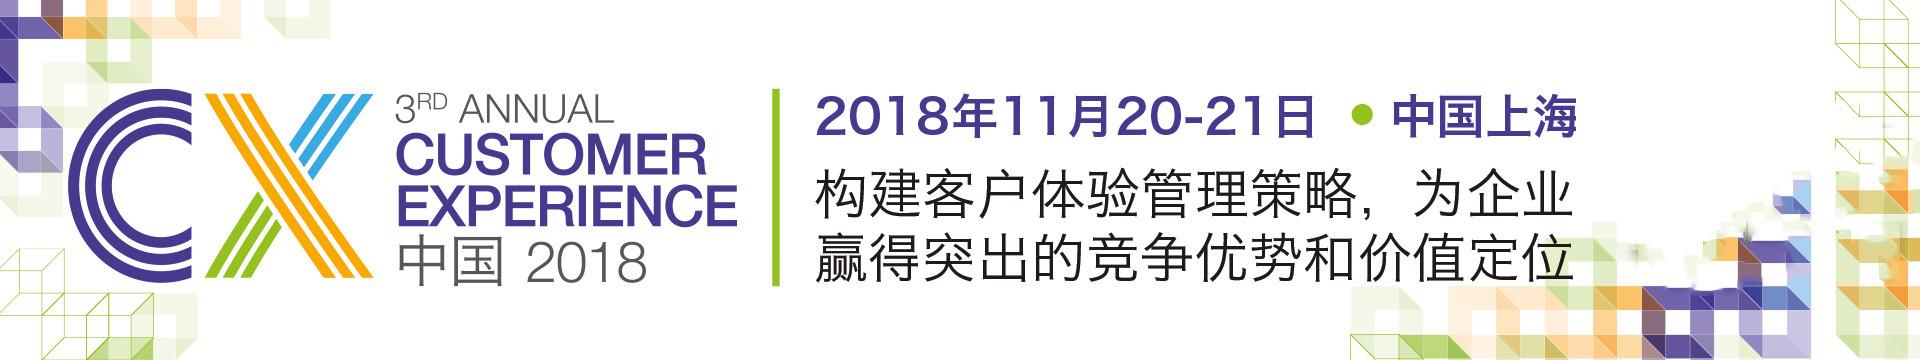 2018第三届客户体验中国峰会